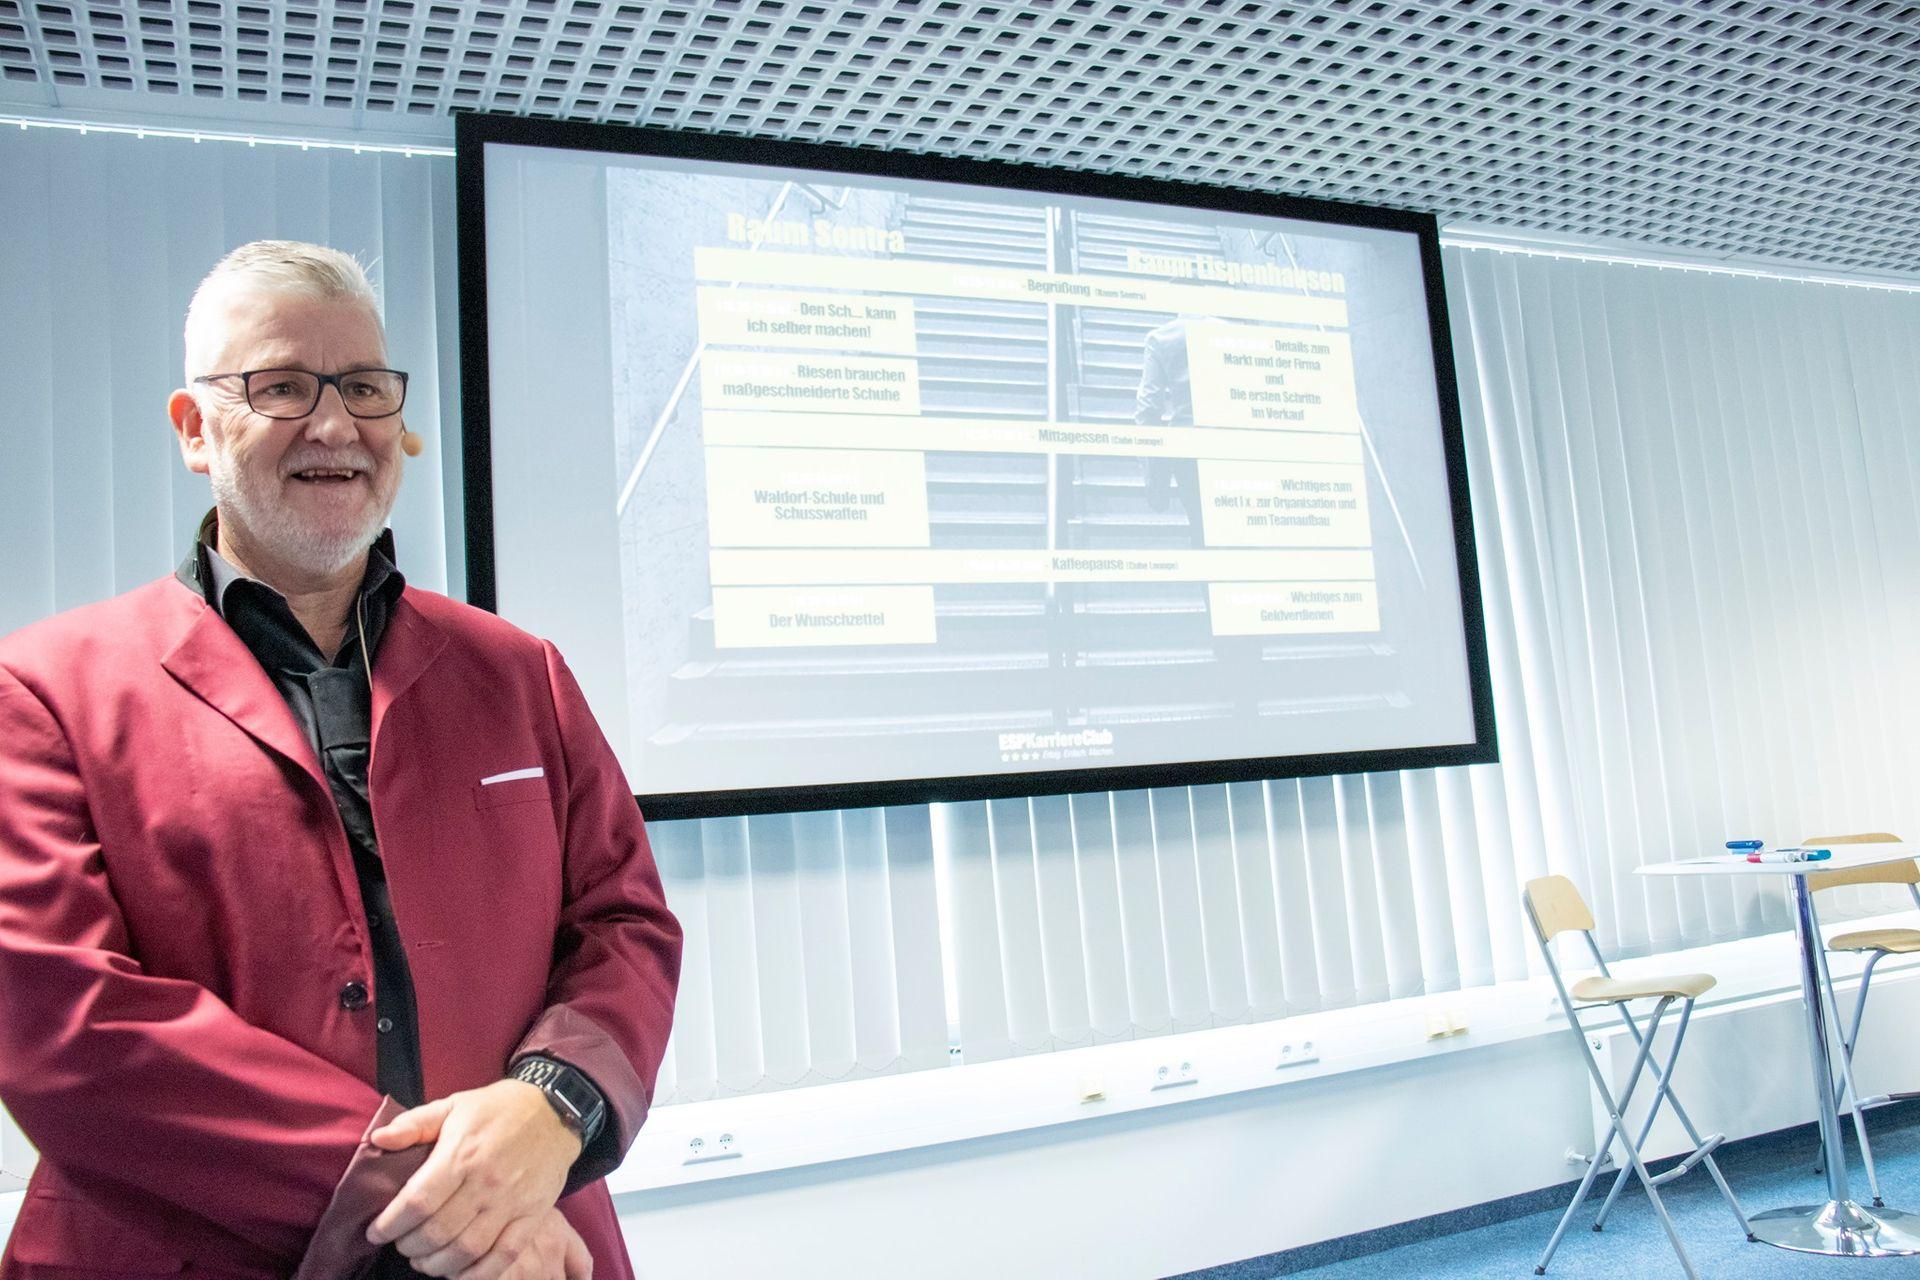 Experten Service Point GmbH in Bildern